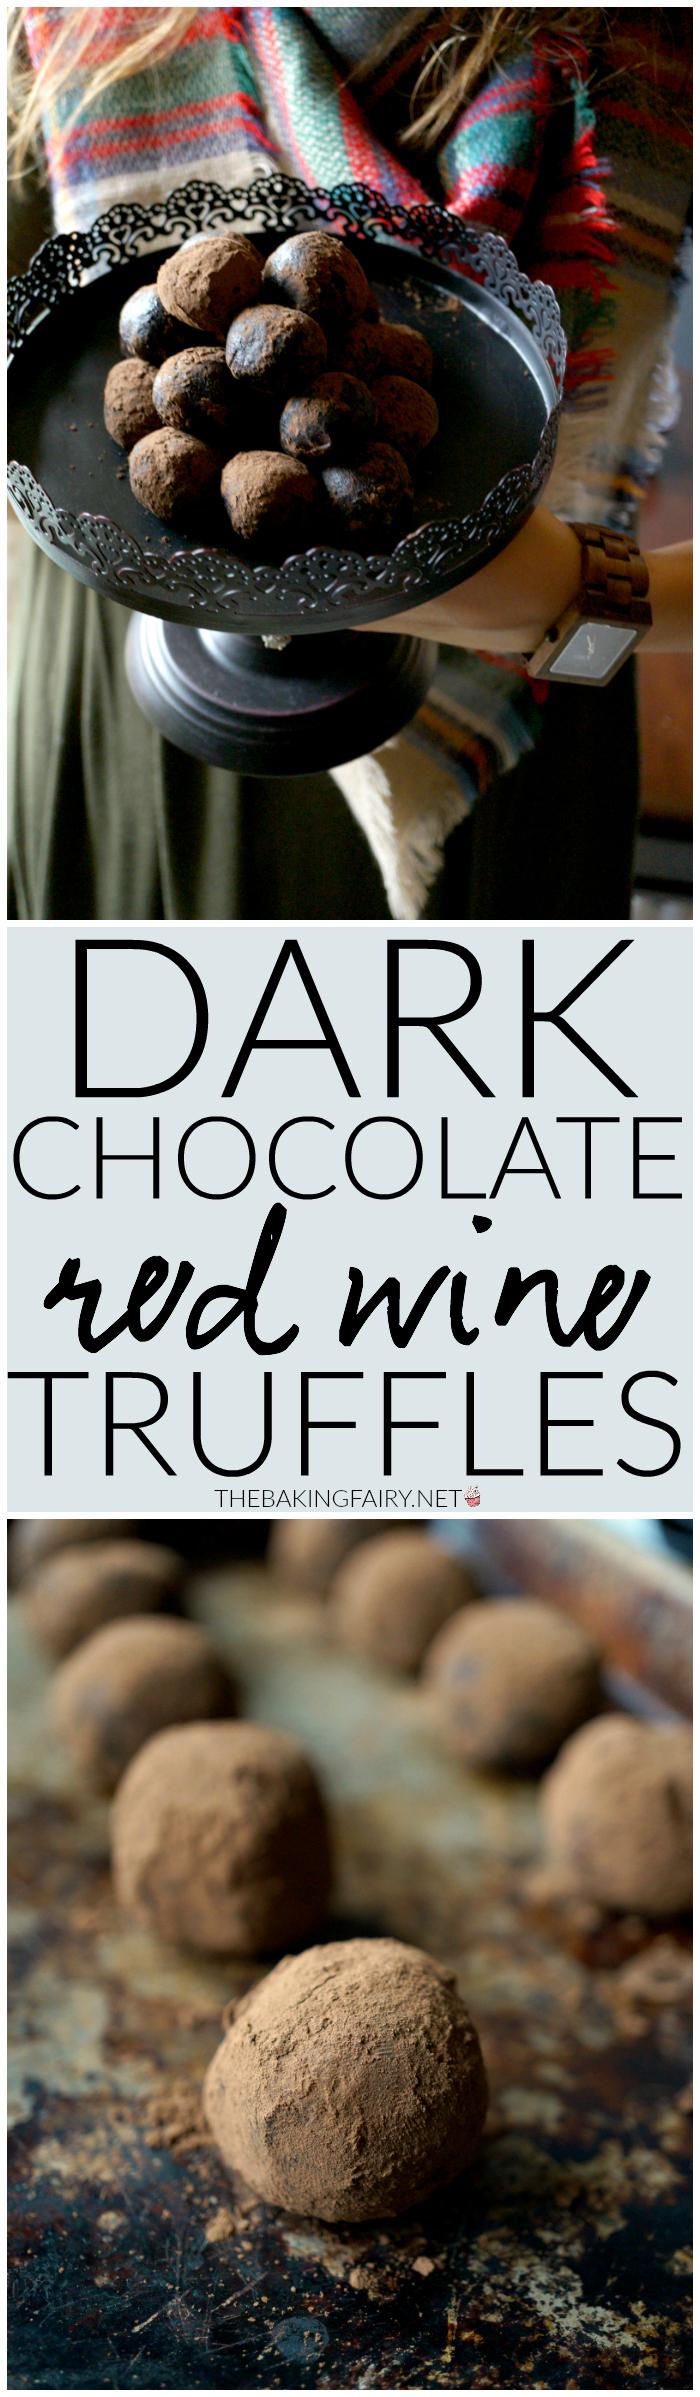 dark chocolate red wine truffles | The Baking Fairy